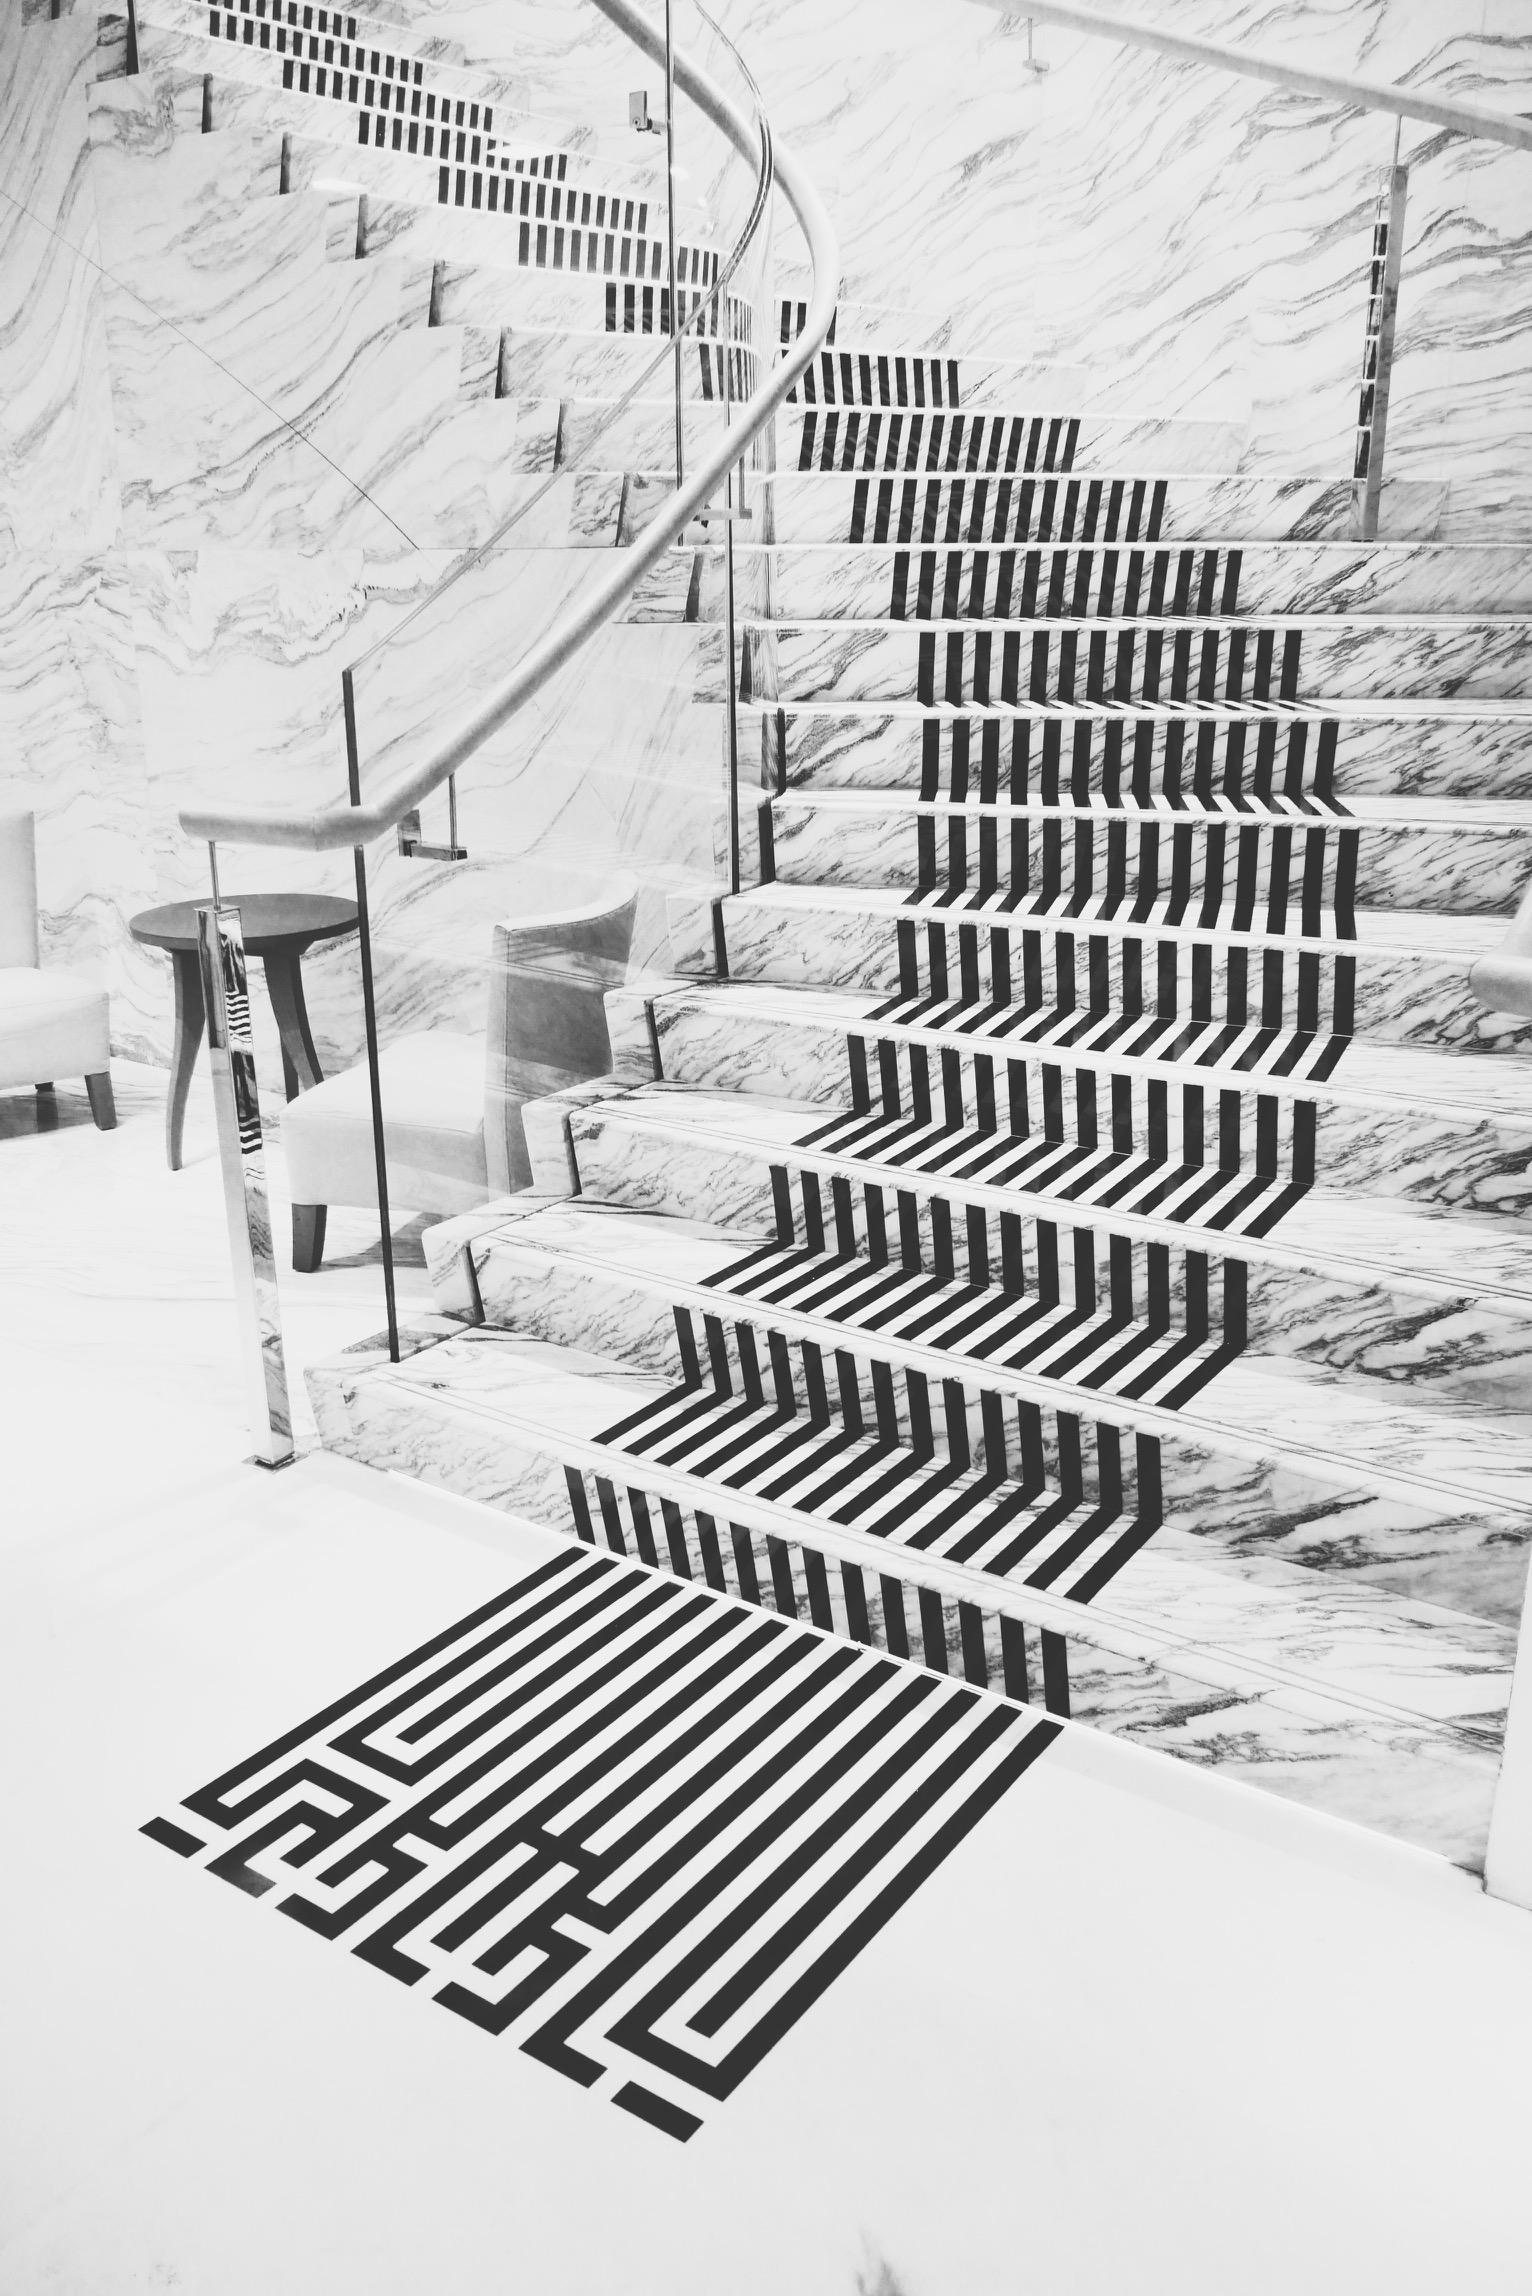 L-Atlas-escalier-Maison-Guerlain-Paris-champs-Elysées-installation-performance-Imperial-Letters-photo-usofparis-blog